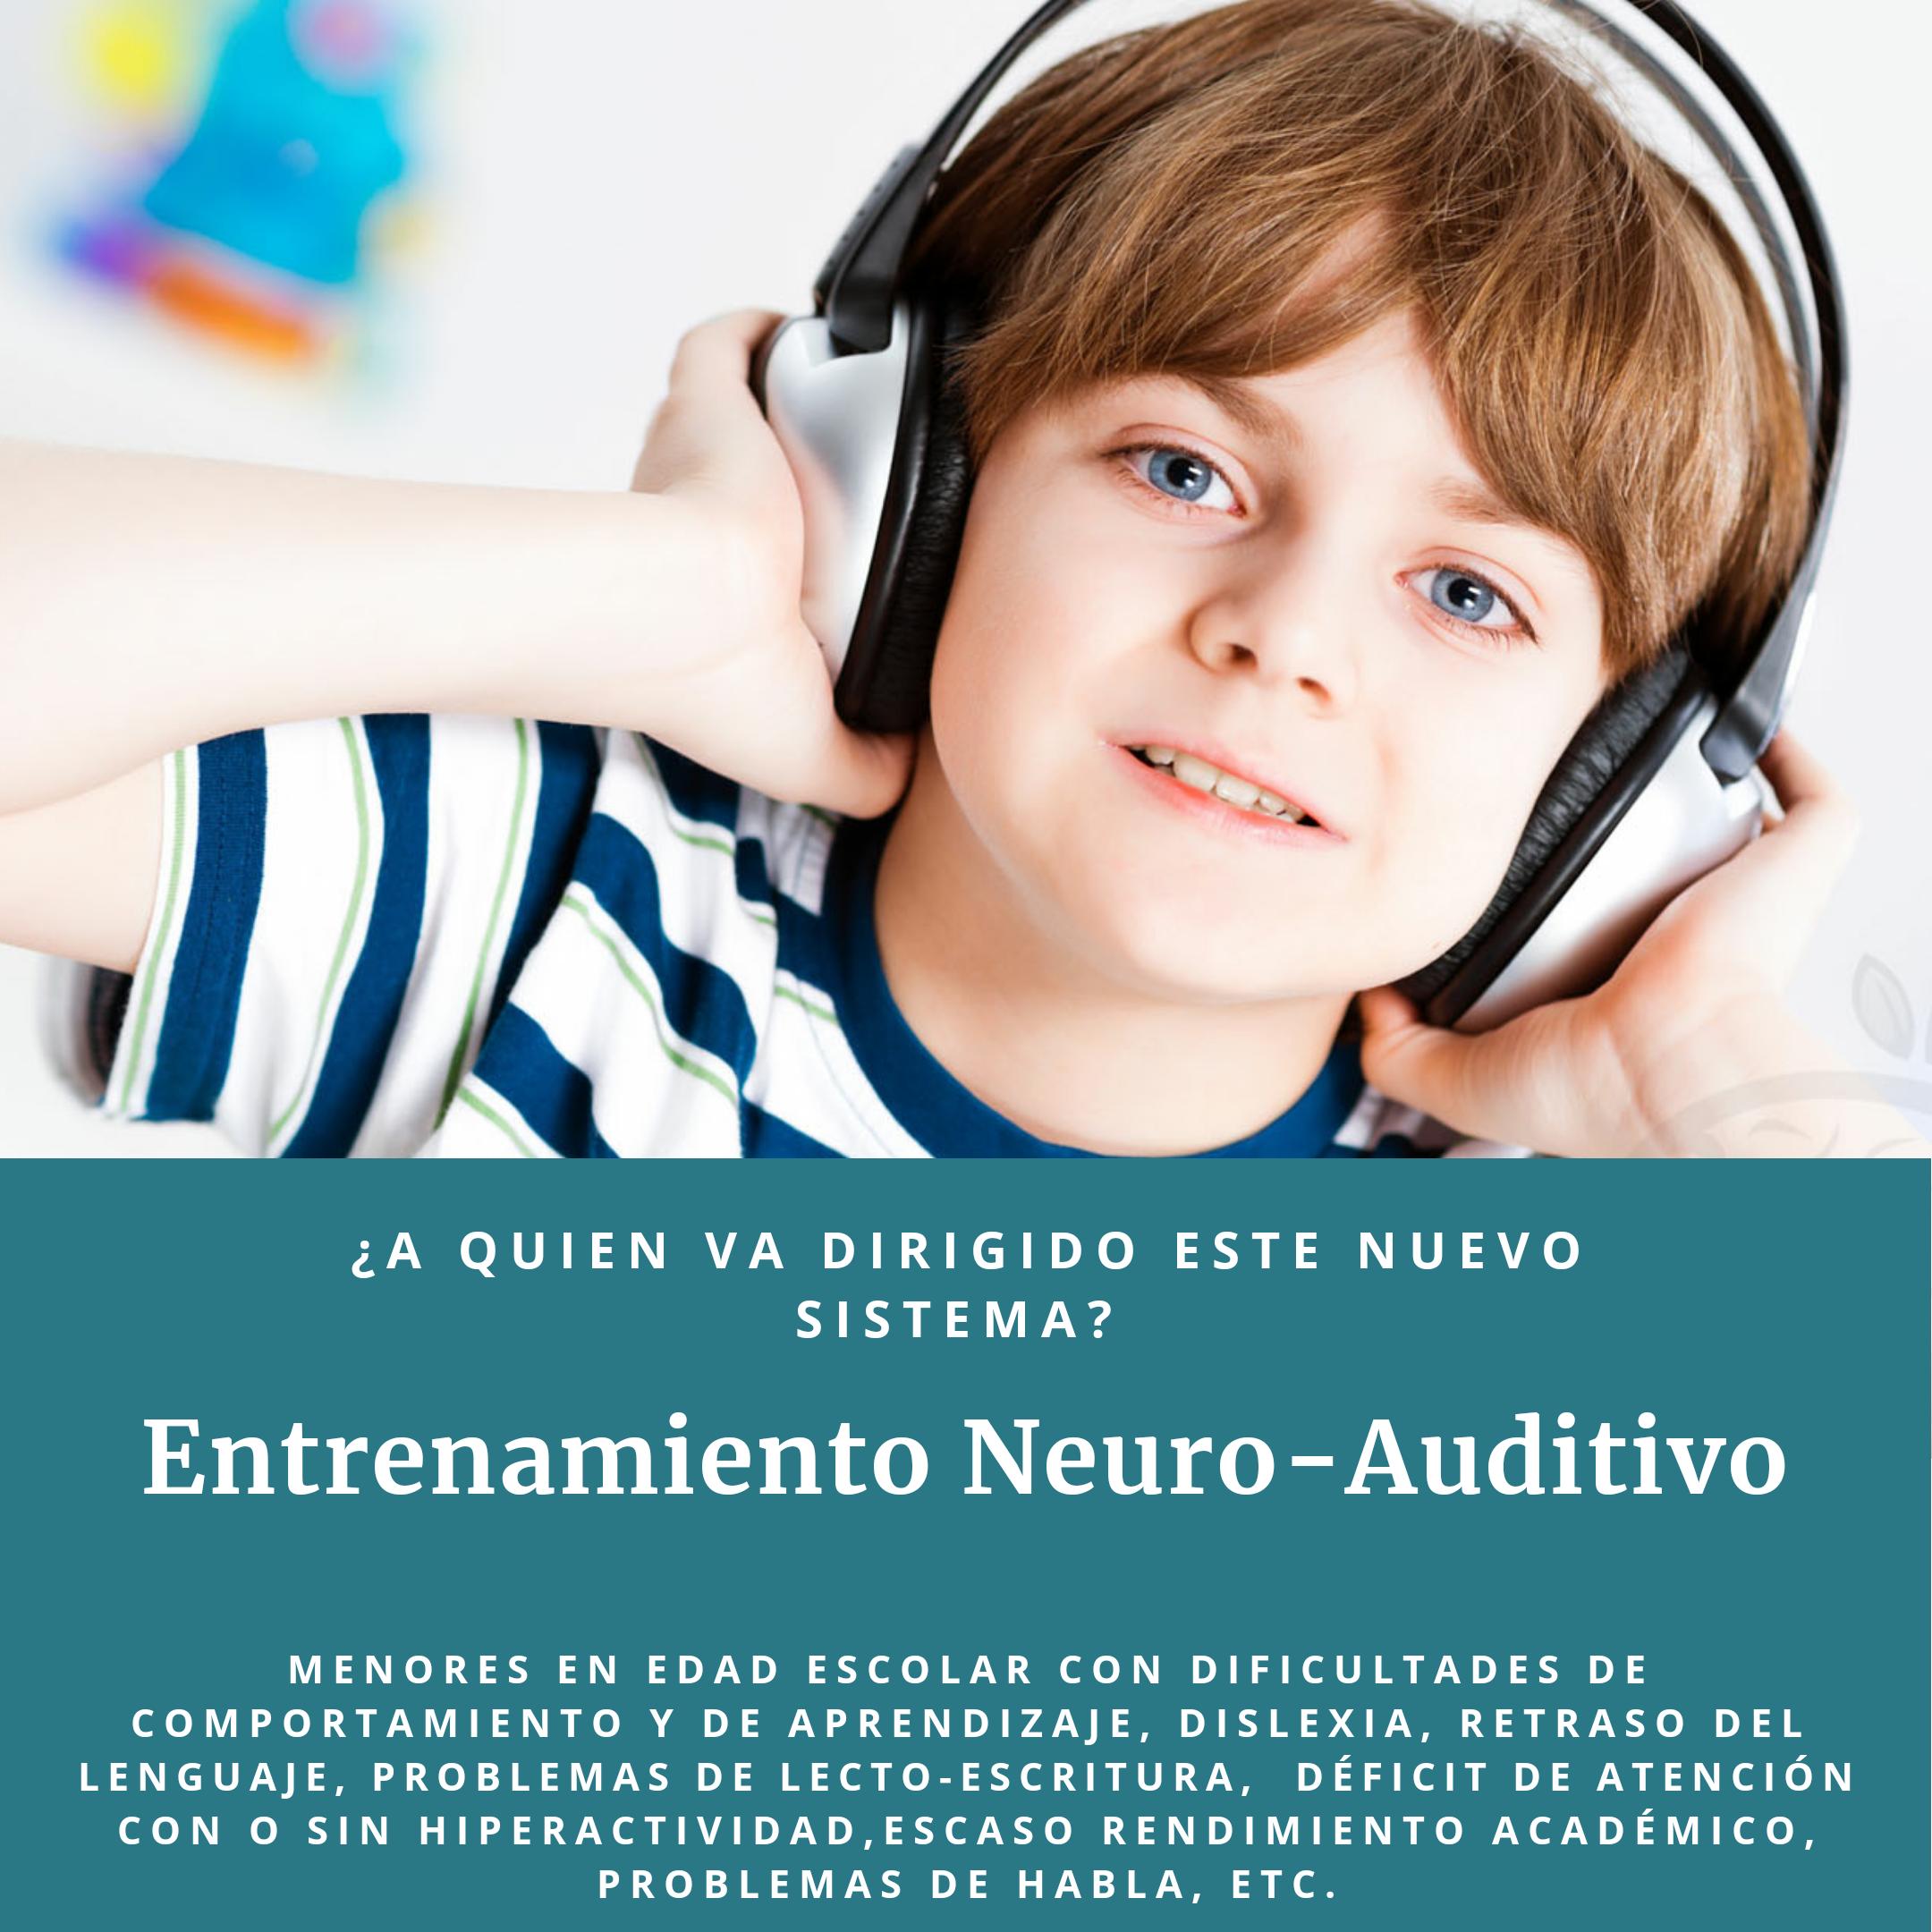 Entrenamiento Neuro-Auditivo